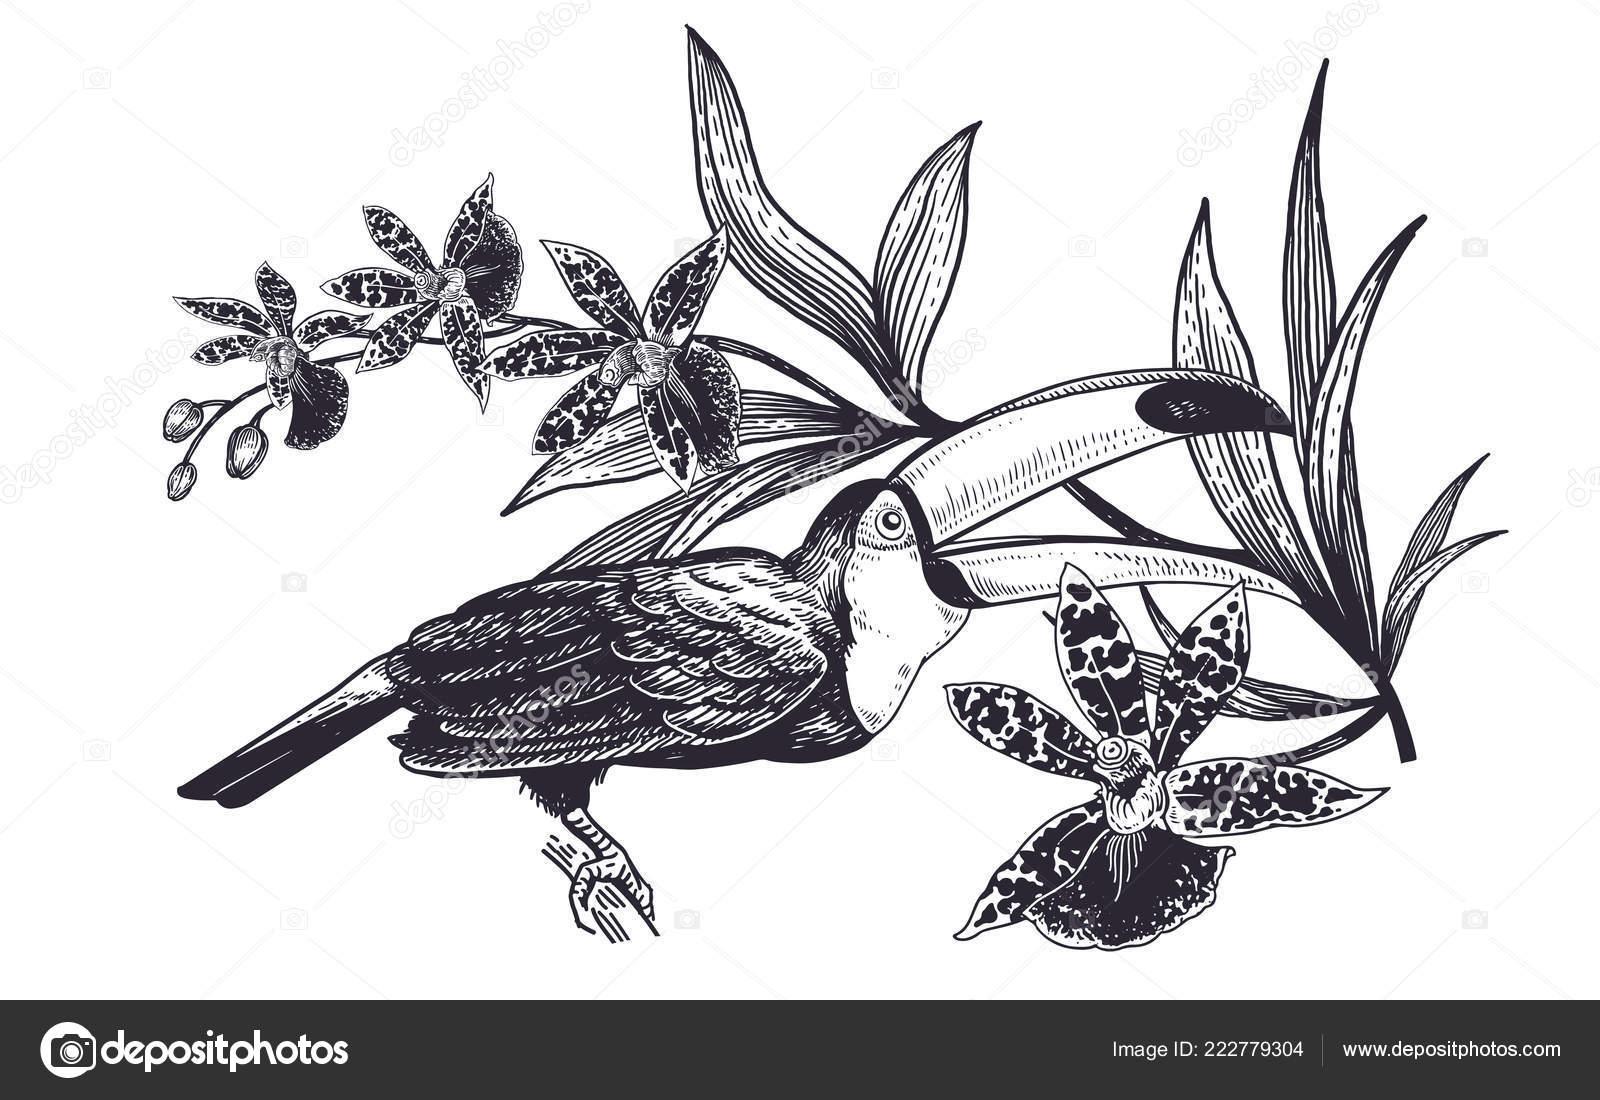 Oiseau Tropical Décoration Les Fleurs Réaliste Main Dessin